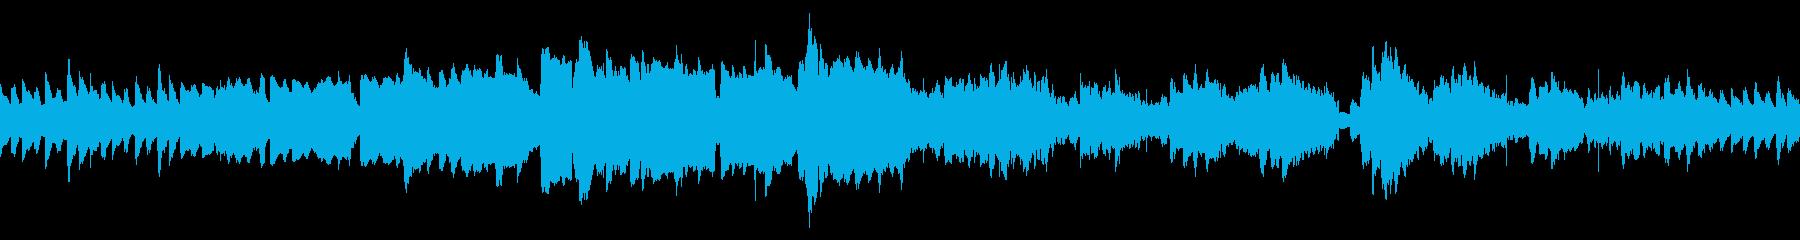 和の雰囲気のサウンドの再生済みの波形